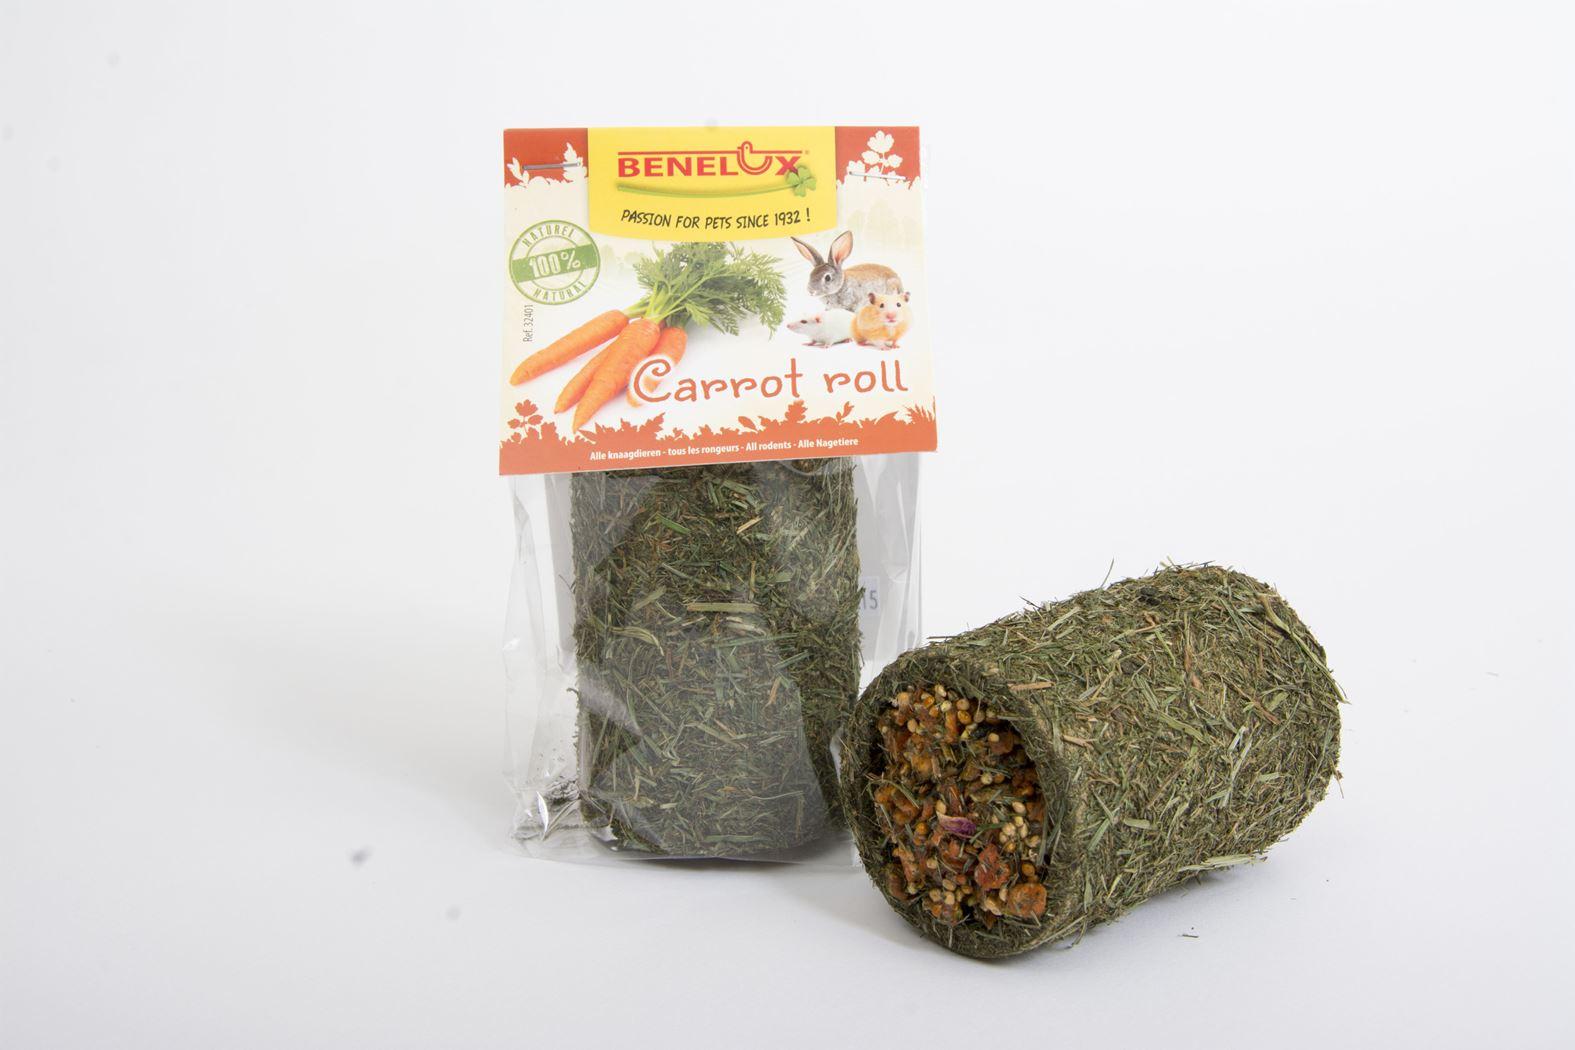 benelux carrot roll